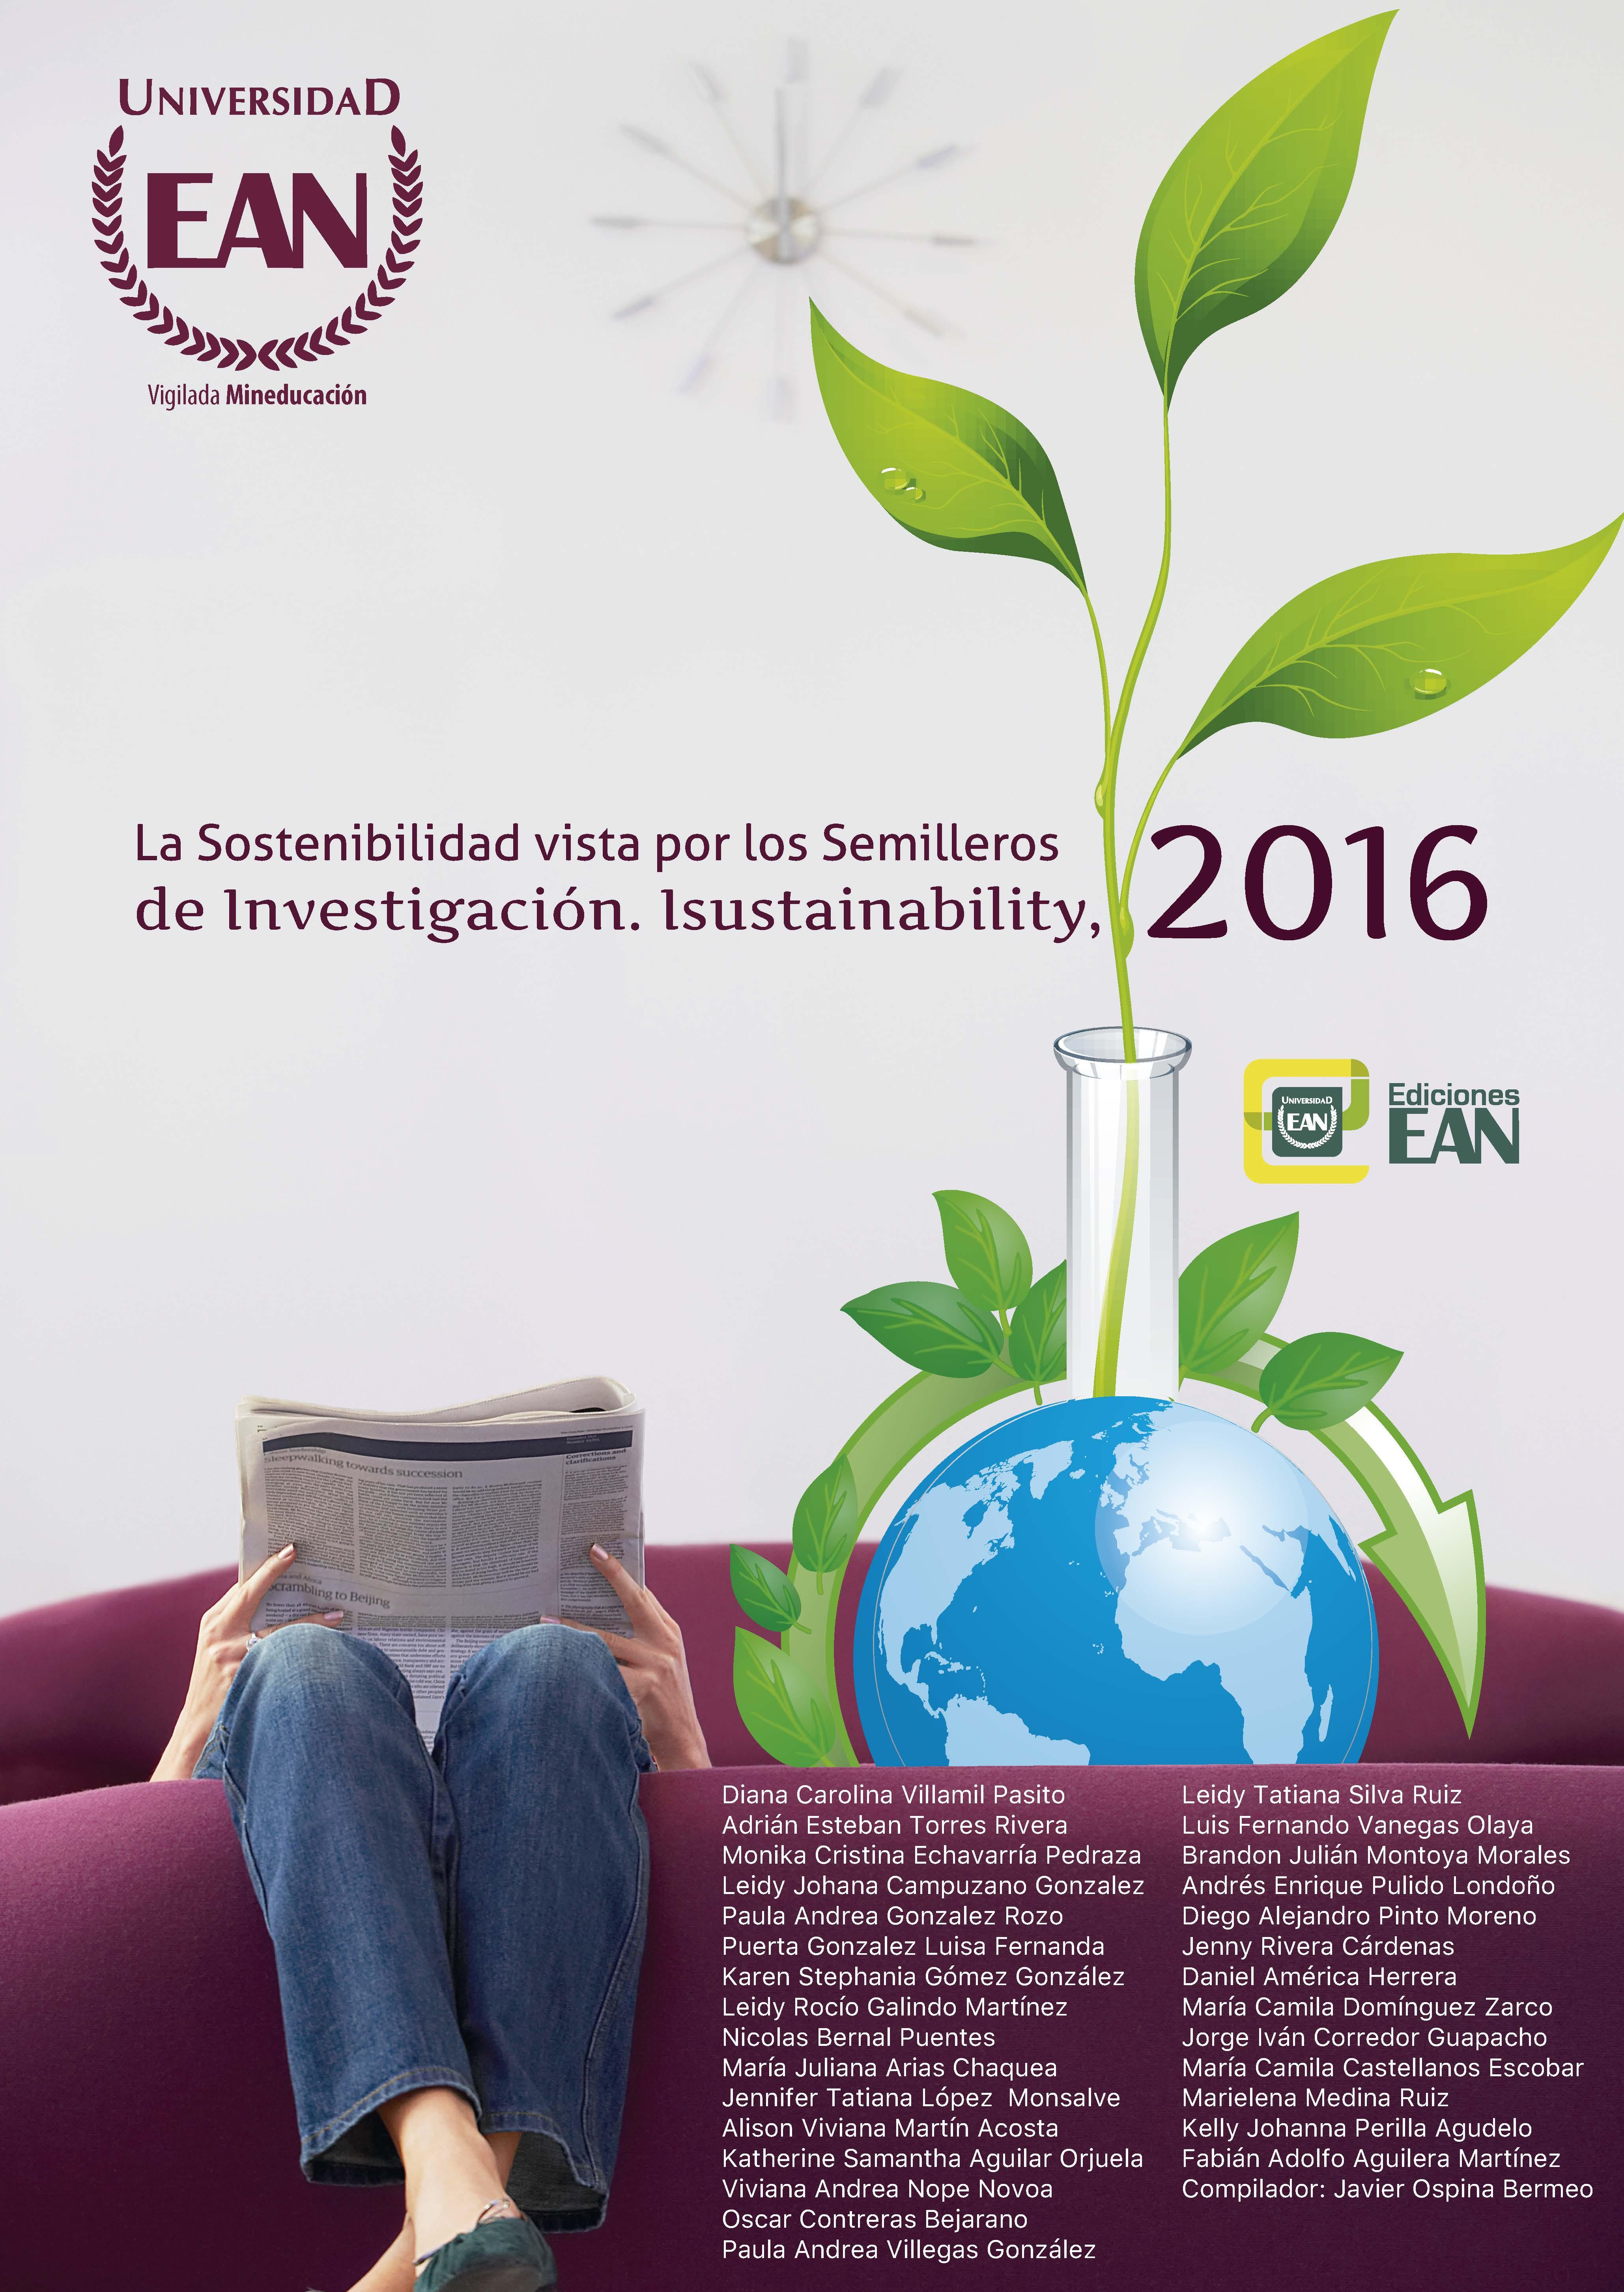 La Sostenibilidad vista por los Semilleros de Investigación. Isustainability